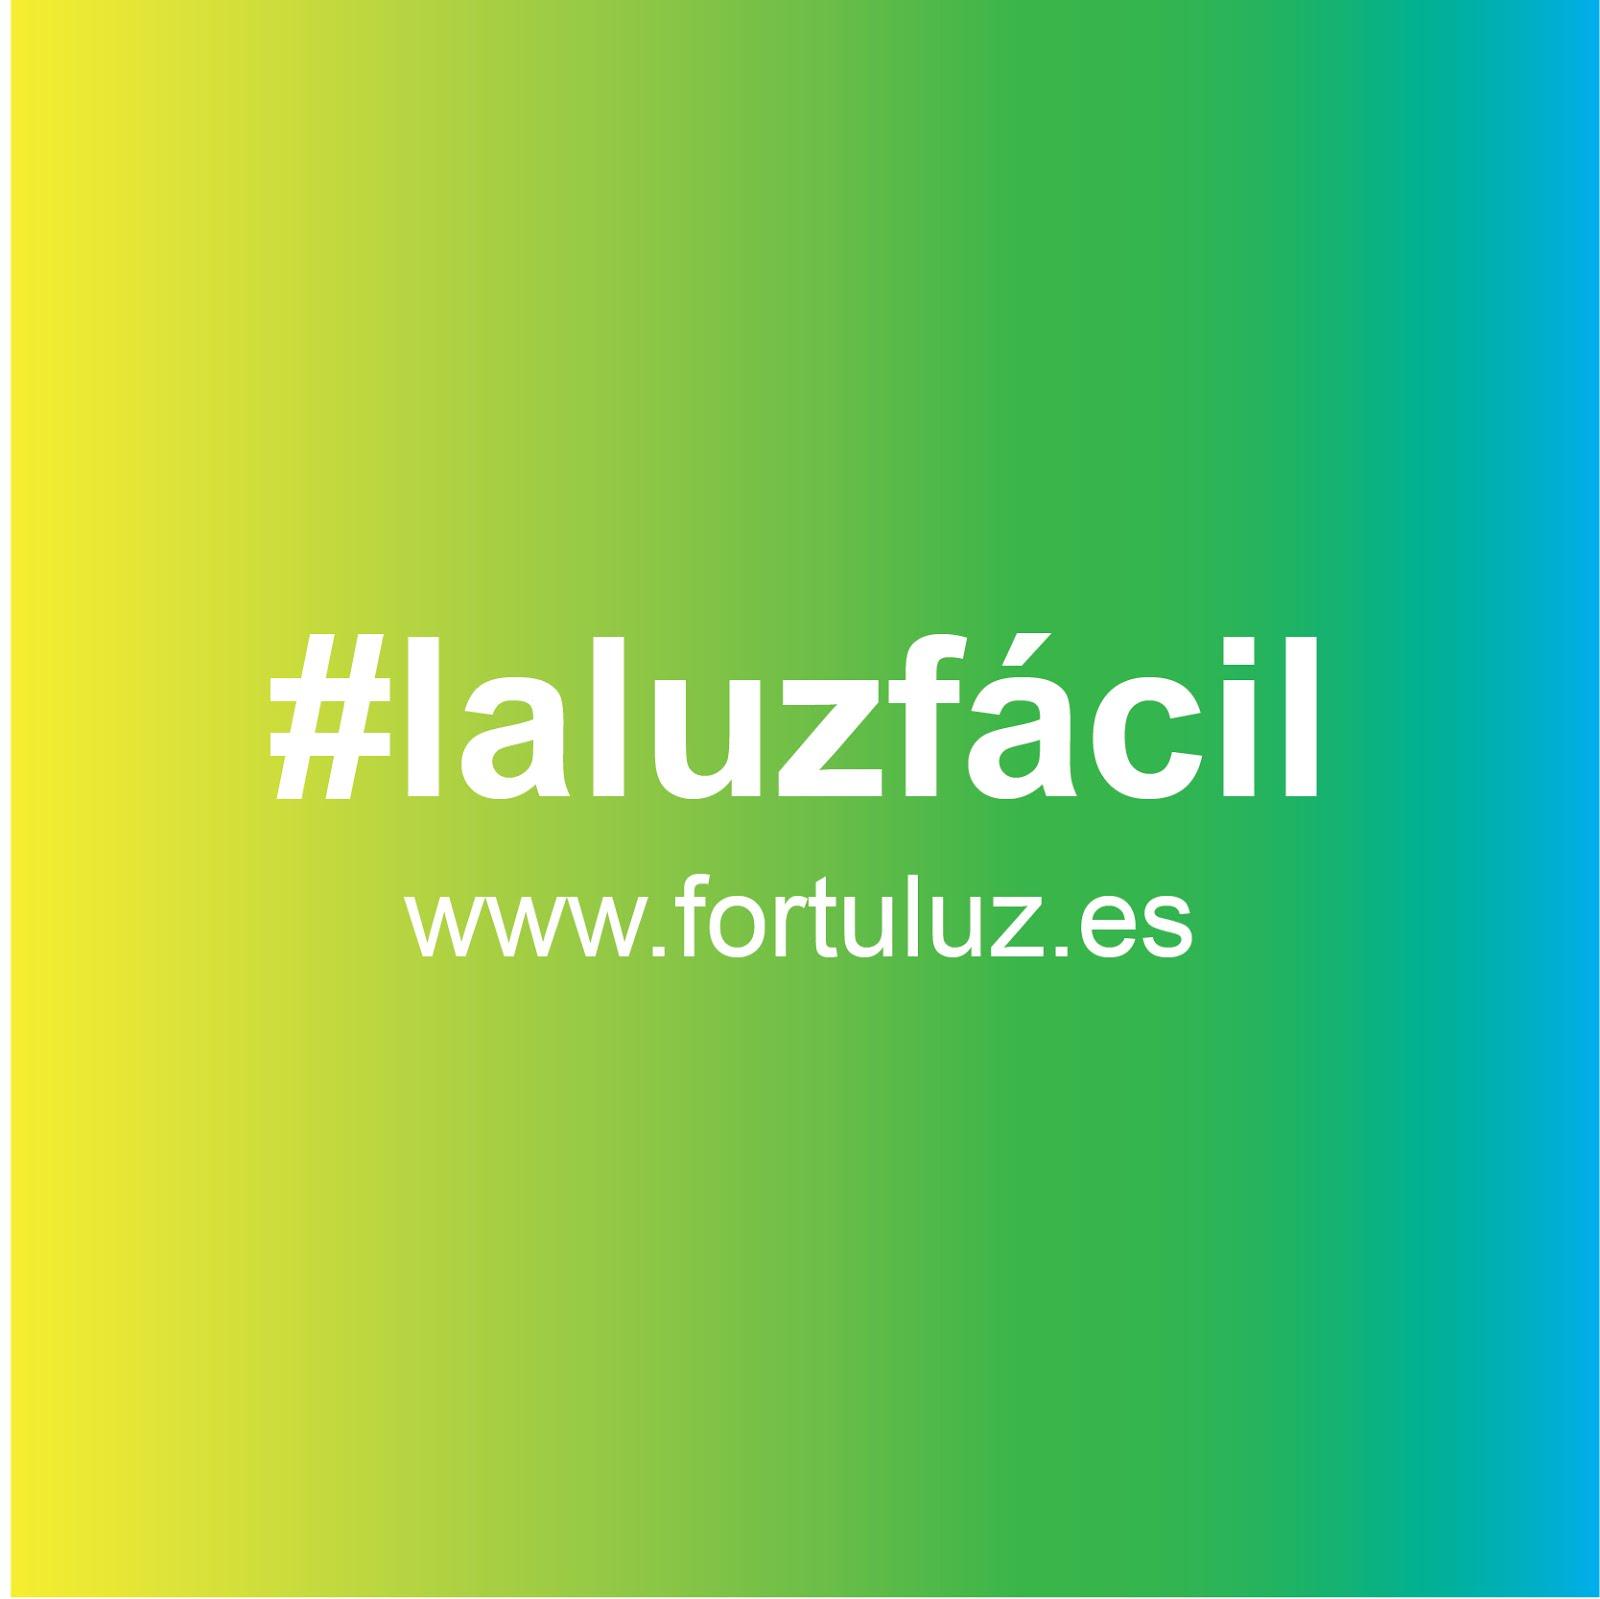 #laluzfácil cambia en 3 minutos